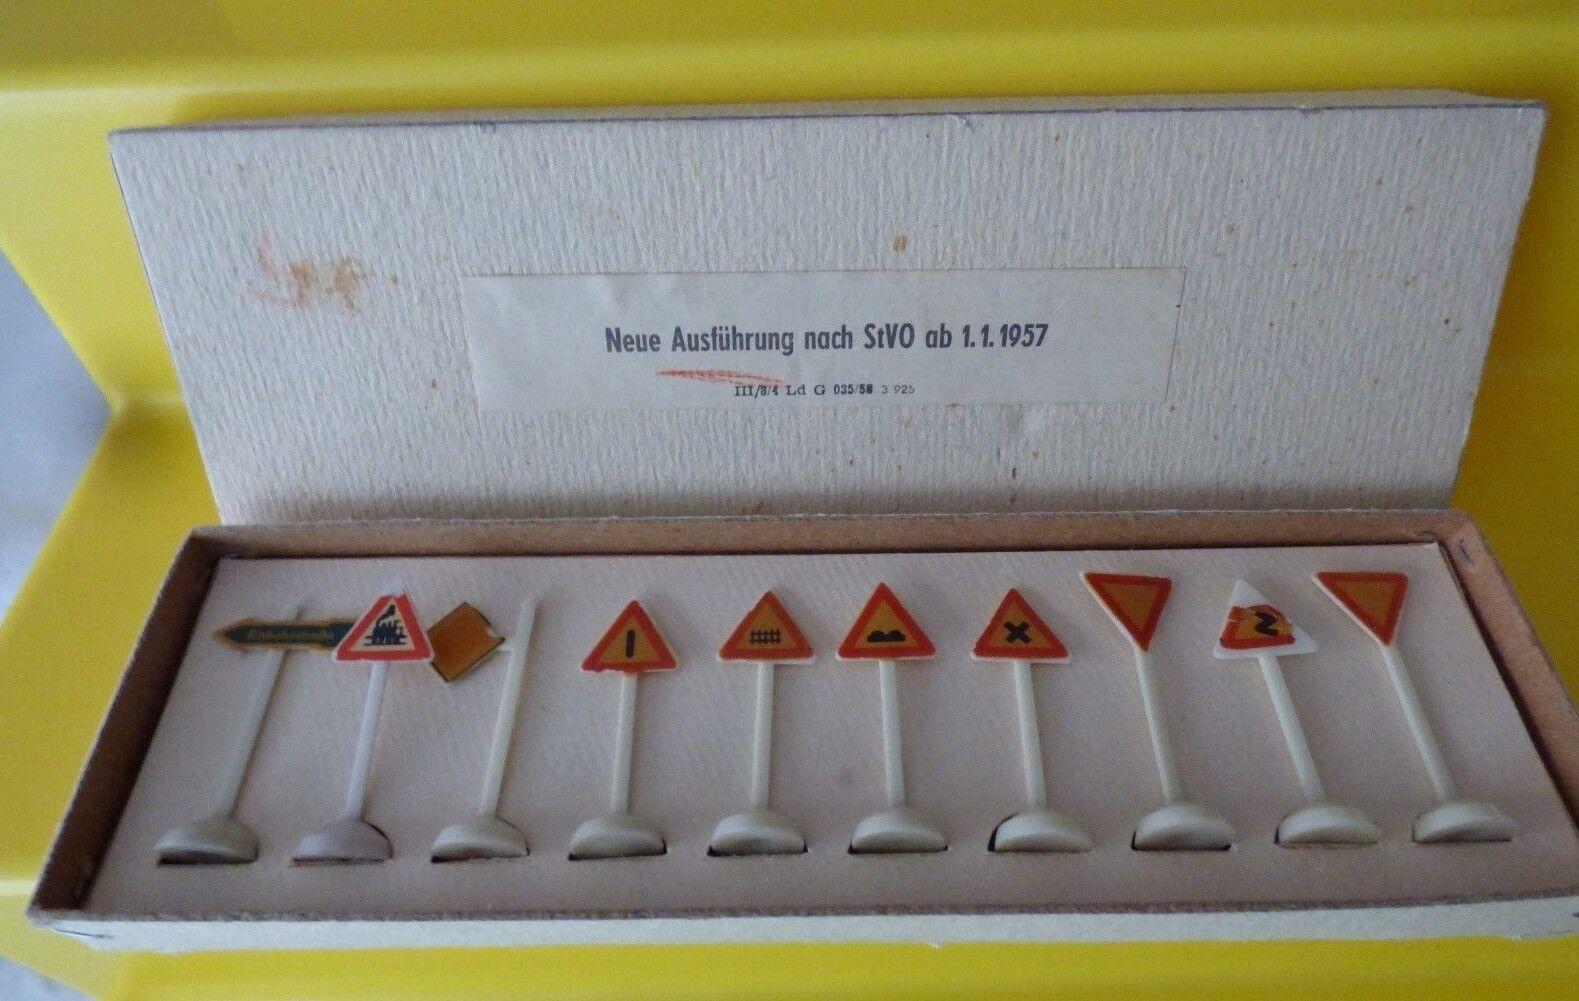 10 segnali stradali di plastica in scatola originale potrebbe dall'azienda essere signor